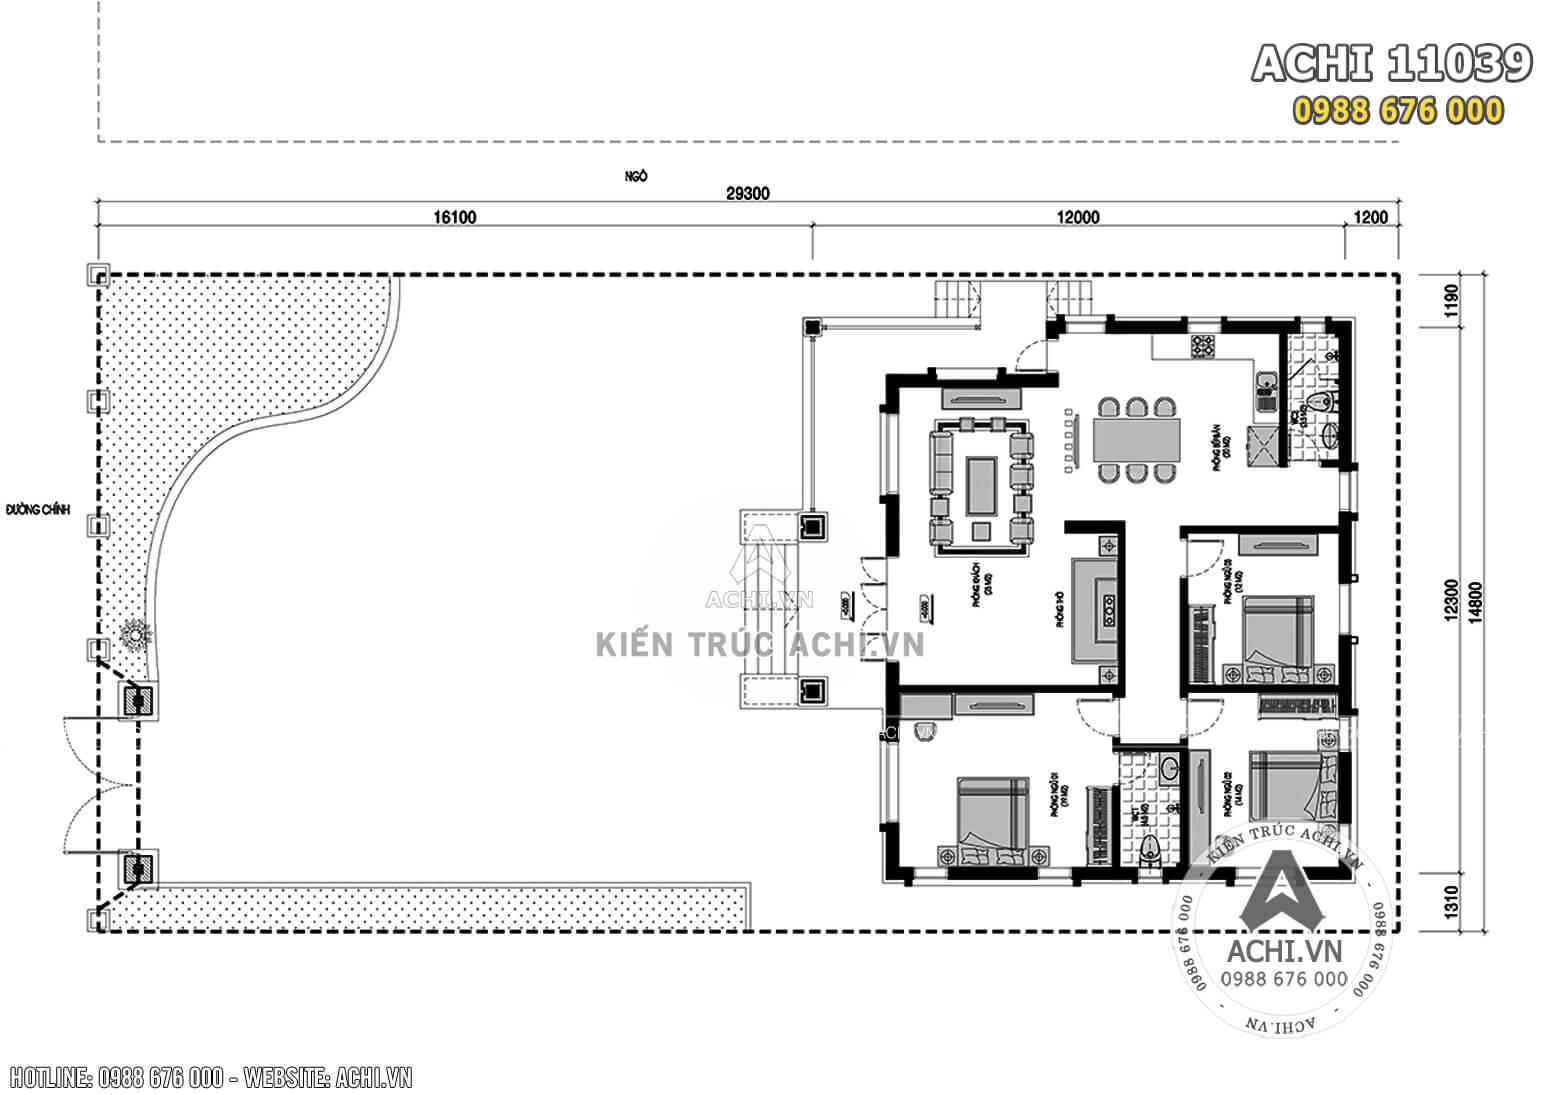 Bản vẽ tổng mặt bằng tầng 1 mẫu biệt thự tai Chương Mỹ